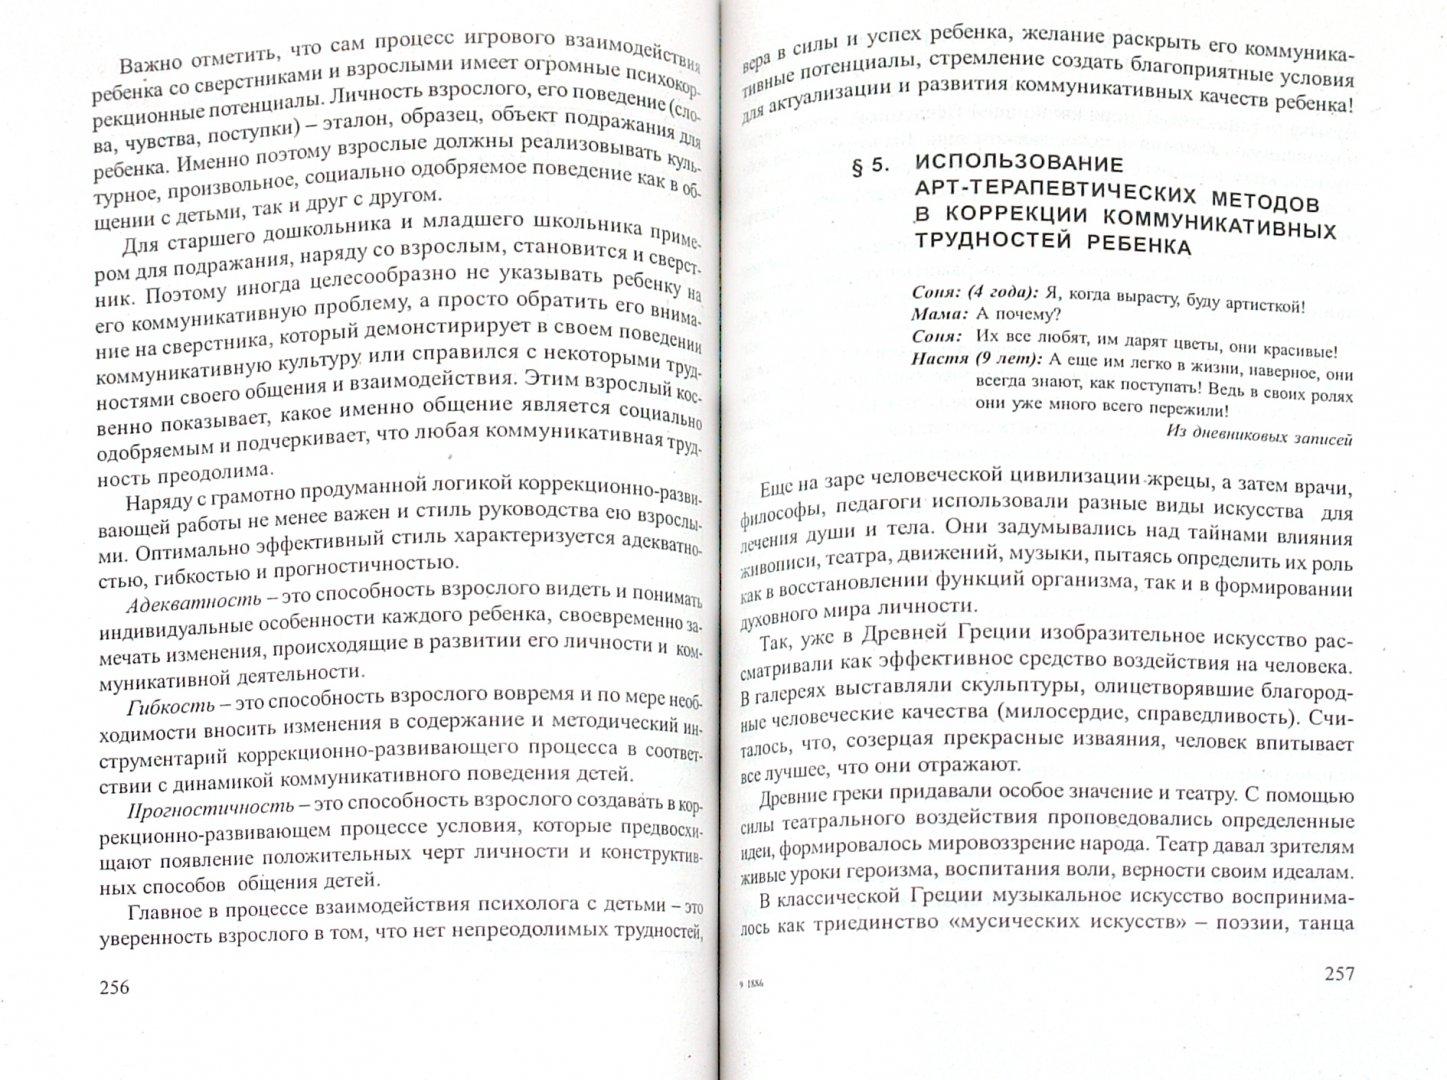 Иллюстрация 1 из 19 для Коммуникативные трудности ребенка. Проблемы, диагностика, коррекция - Анна Самохвалова | Лабиринт - книги. Источник: Лабиринт